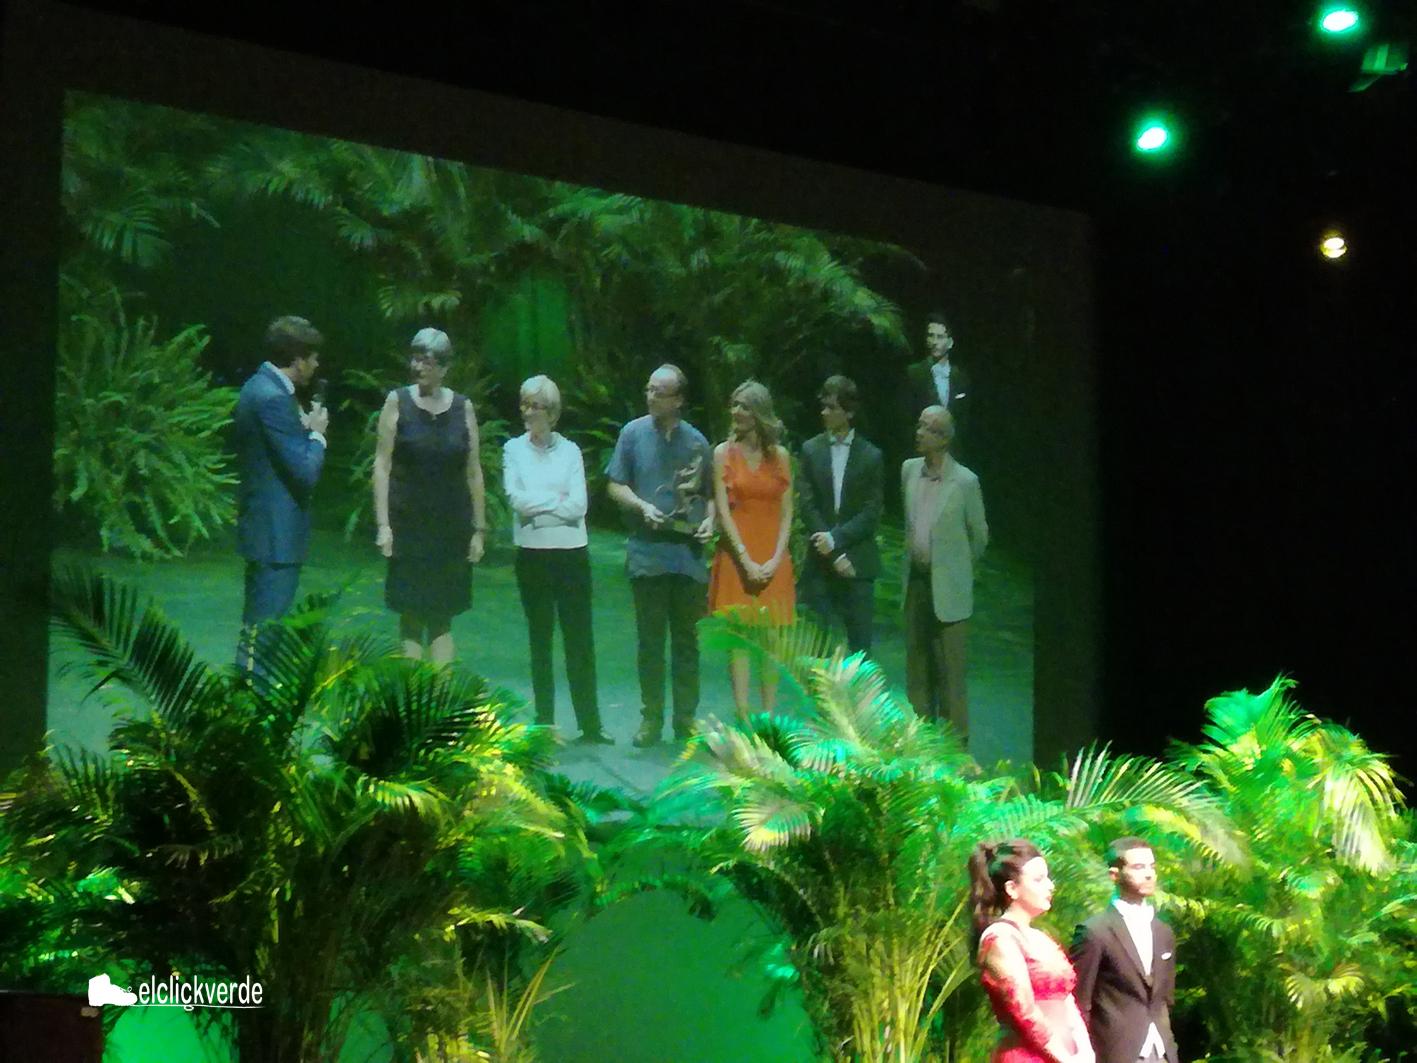 Los premiados, en la pantalla que se exhibía sobre el escenario